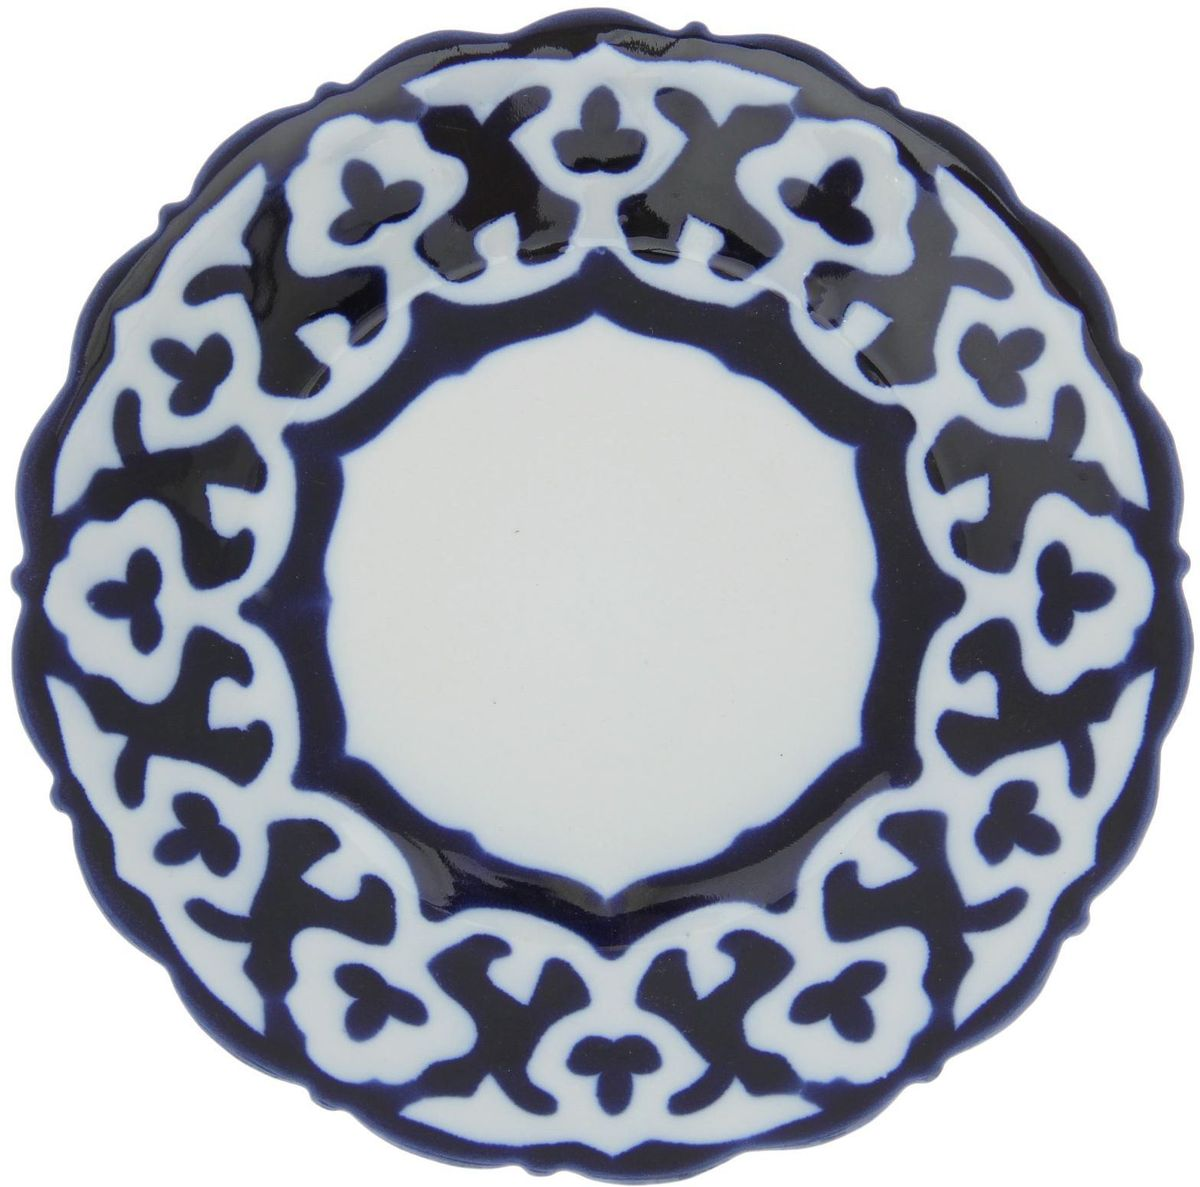 Тарелка Turon Porcelain Пахта, цвет: белый, синий, диаметр 16 см1386444Узбекская посуда известна всему миру уже более тысячи лет. Ей любовались царские особы, на ней подавали еду для шейхов и знатных персон. Формулы красок и глазури передаются из поколения в поколение. По сей день качественные расписные изделия продолжают восхищать совершенством и завораживающей красотой. Тарелка Turon Porcelain Пахта подойдет для повседневной и праздничной сервировки. Дополните стол текстилем и салфетками в тон, чтобы получить элегантное убранство с яркими акцентами. Национальная узбекская роспись Пахта сдержанна и благородна. Витиеватые узоры выводятся тонкой кистью, а фон заливается кобальтом. Синий краситель при обжиге слегка растекается и придает контуру изображений голубой оттенок. Густая глазурь наносится толстым слоем, благодаря чему рисунок мерцает.